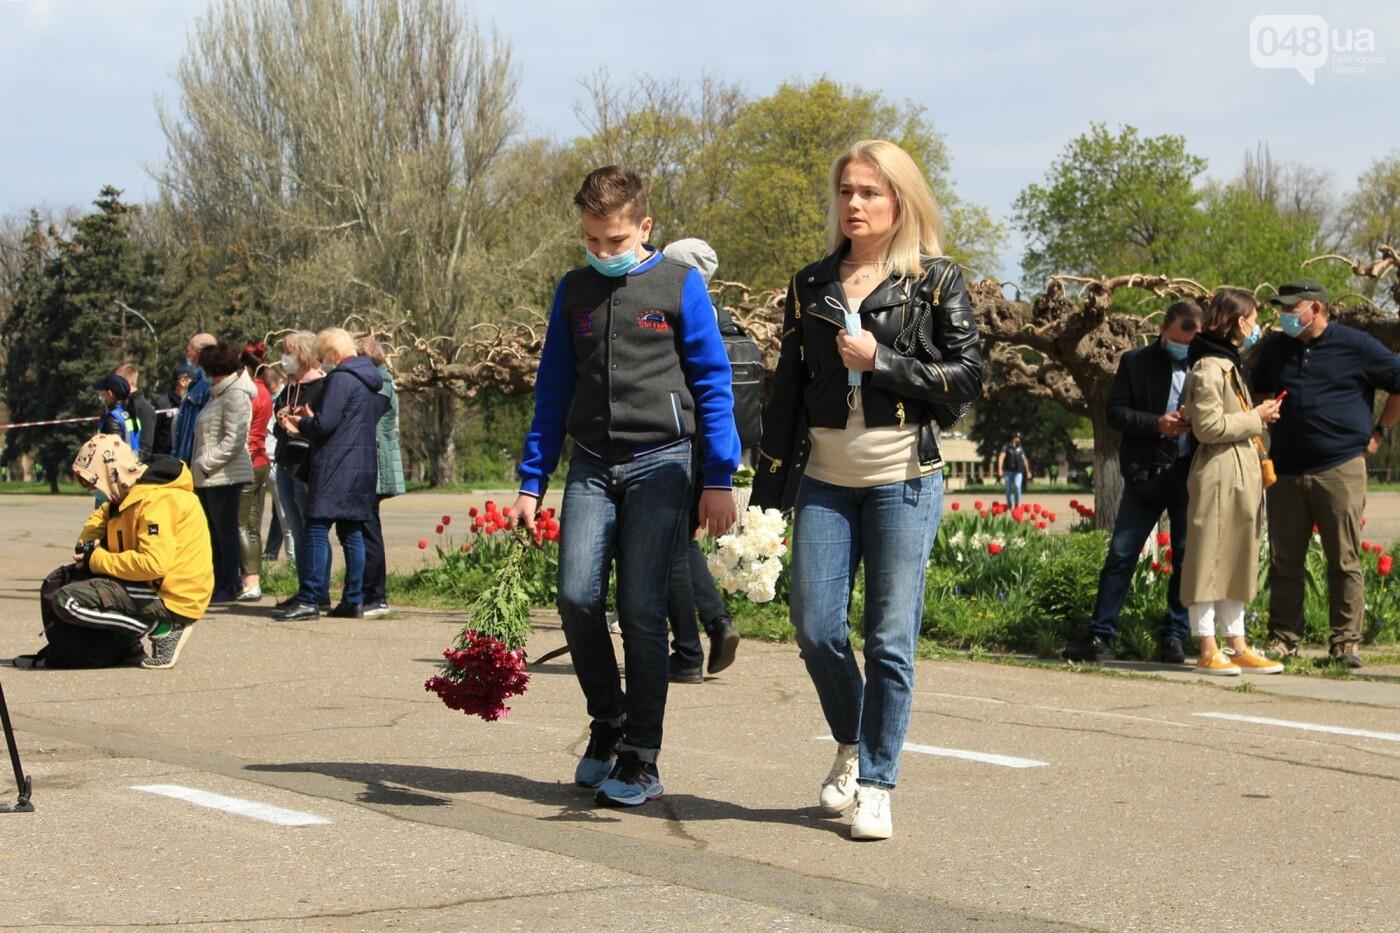 В Одессе к Дому профсоюзов несут цветы под присмотром полиции и медиков, - ФОТО, ВИДЕО , фото-43